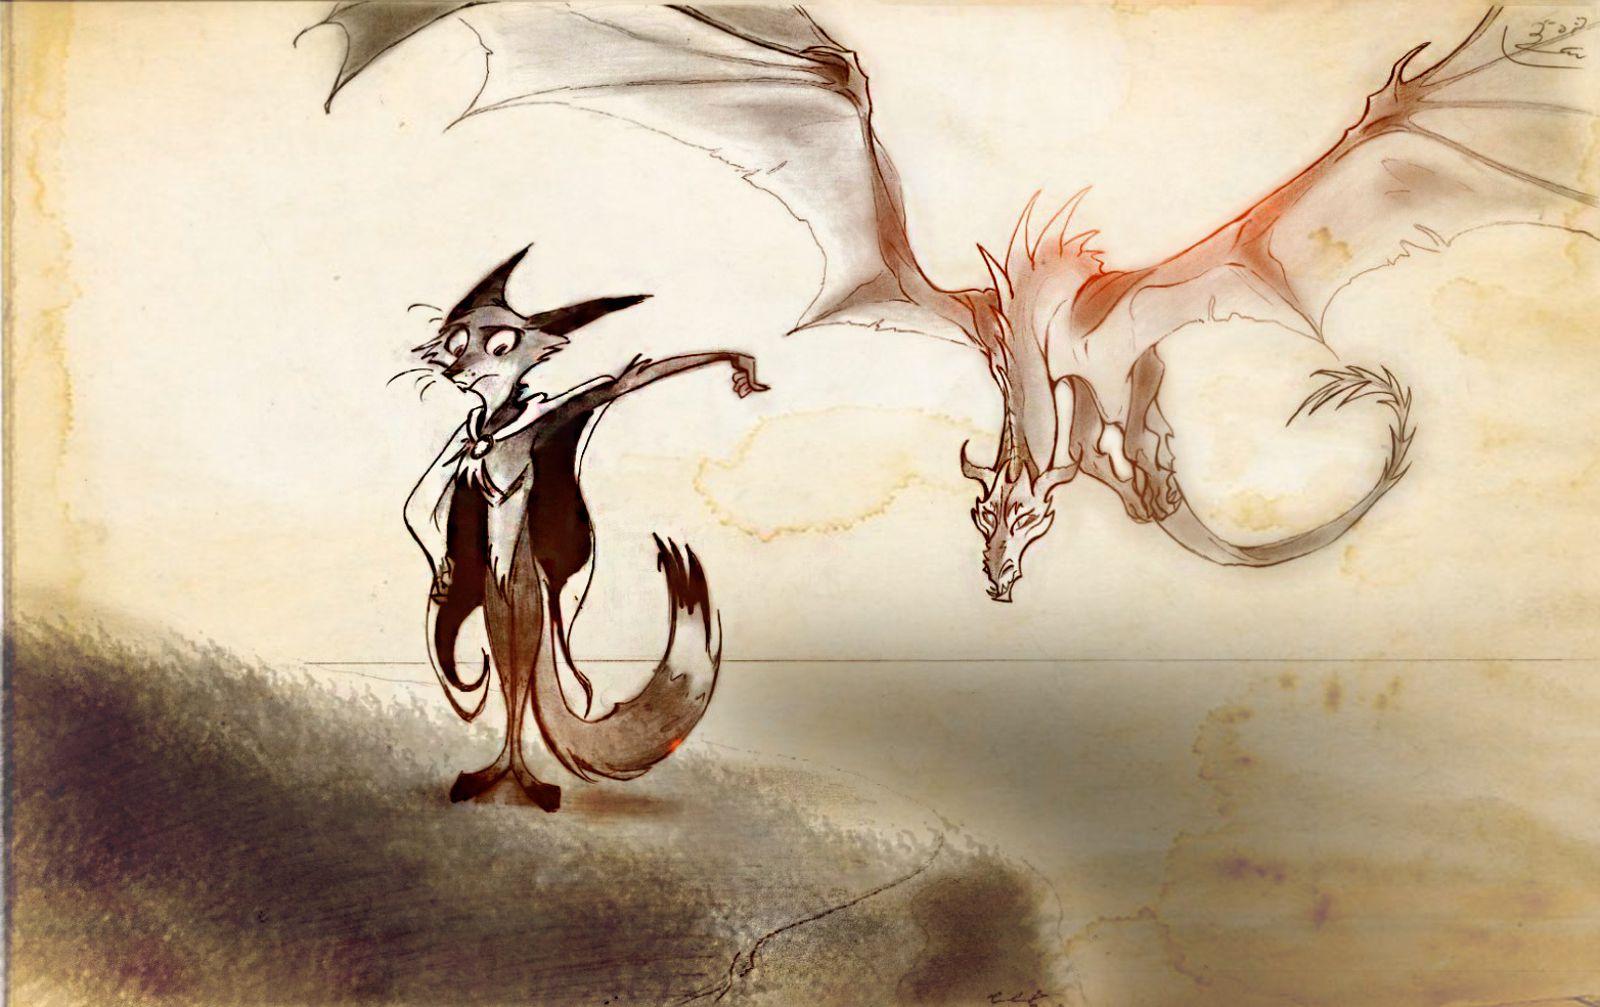 Fox Summoning the Dragon